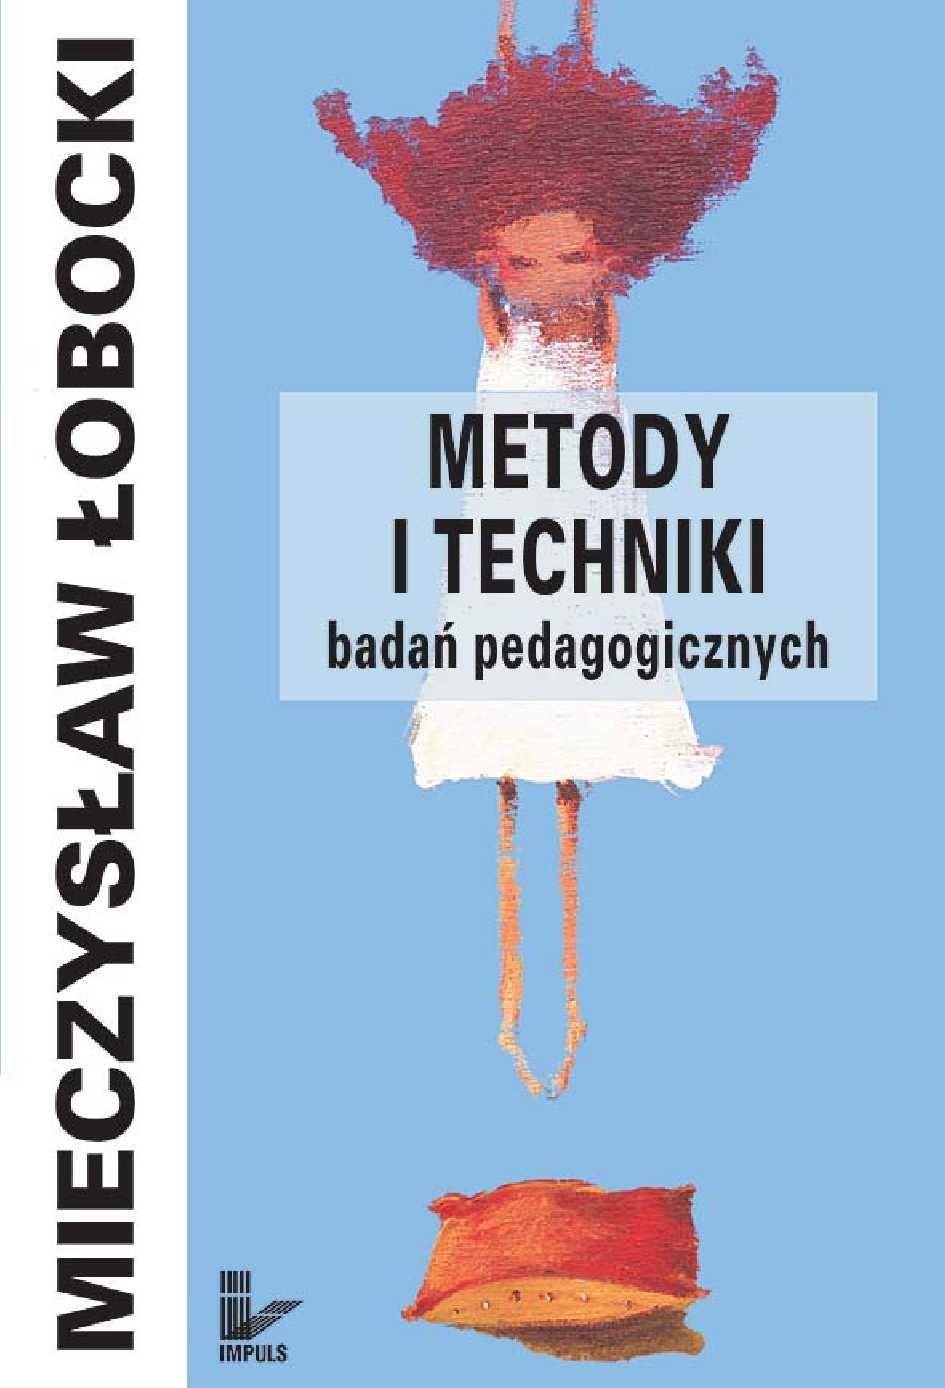 Metody i techniki badań pedagogicznych - Ebook (Książka PDF) do pobrania w formacie PDF